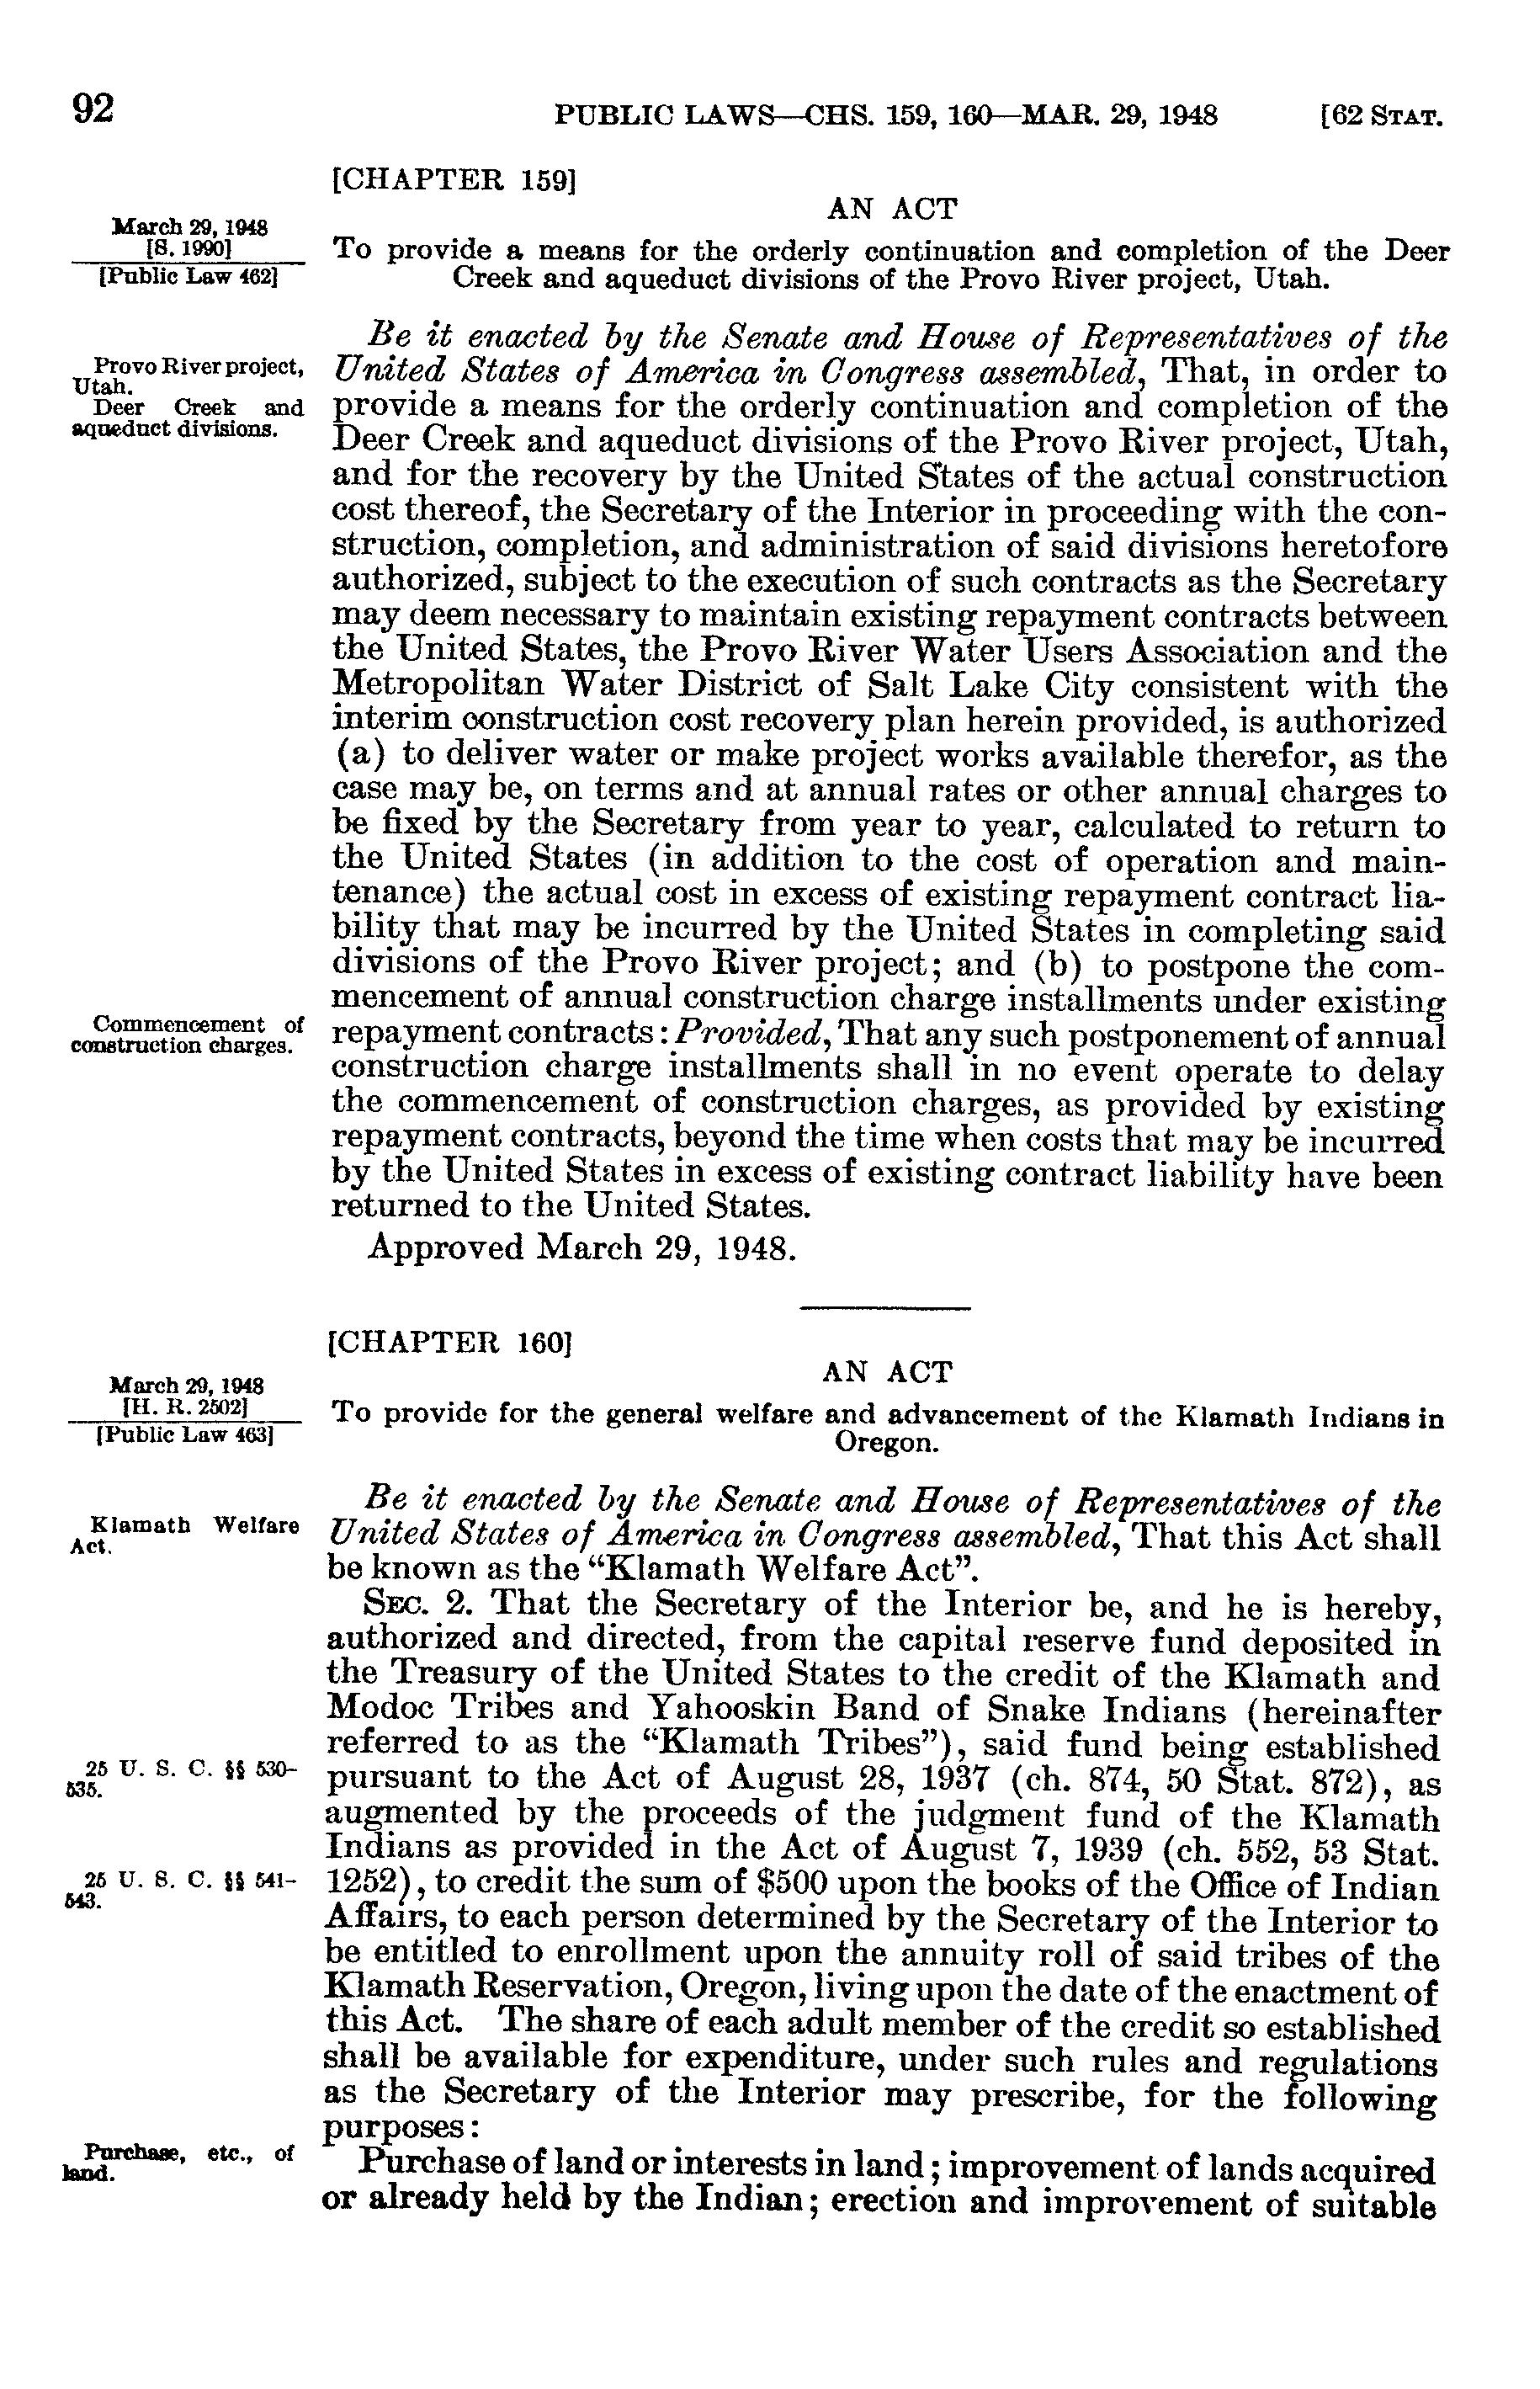 Mar  29, 1948, ch  160, §2, 62 Stat  92